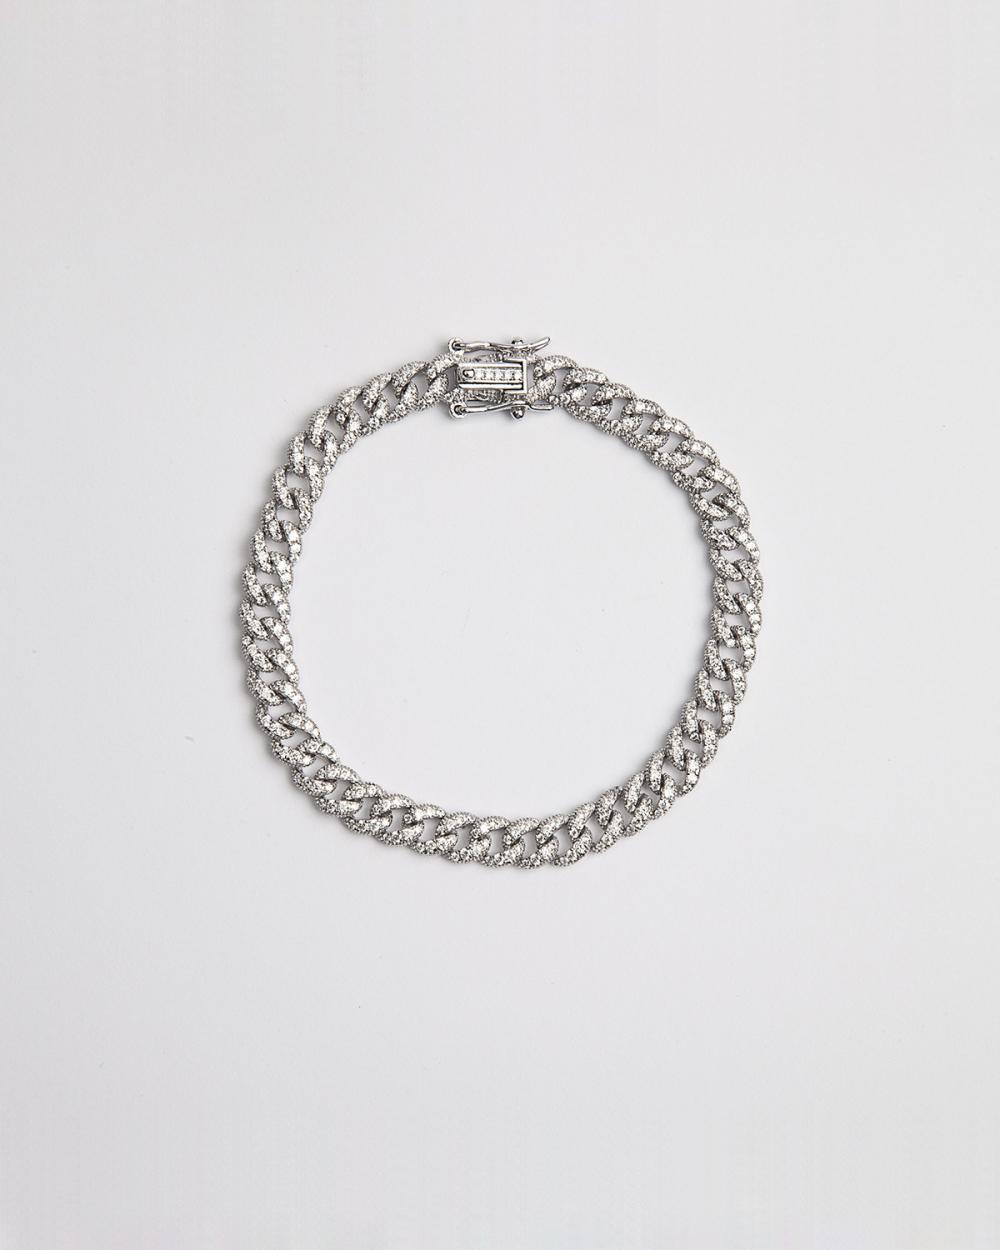 Bracelets CUBIC ZIRCONIA H60 CURB BRACELET NOVE25